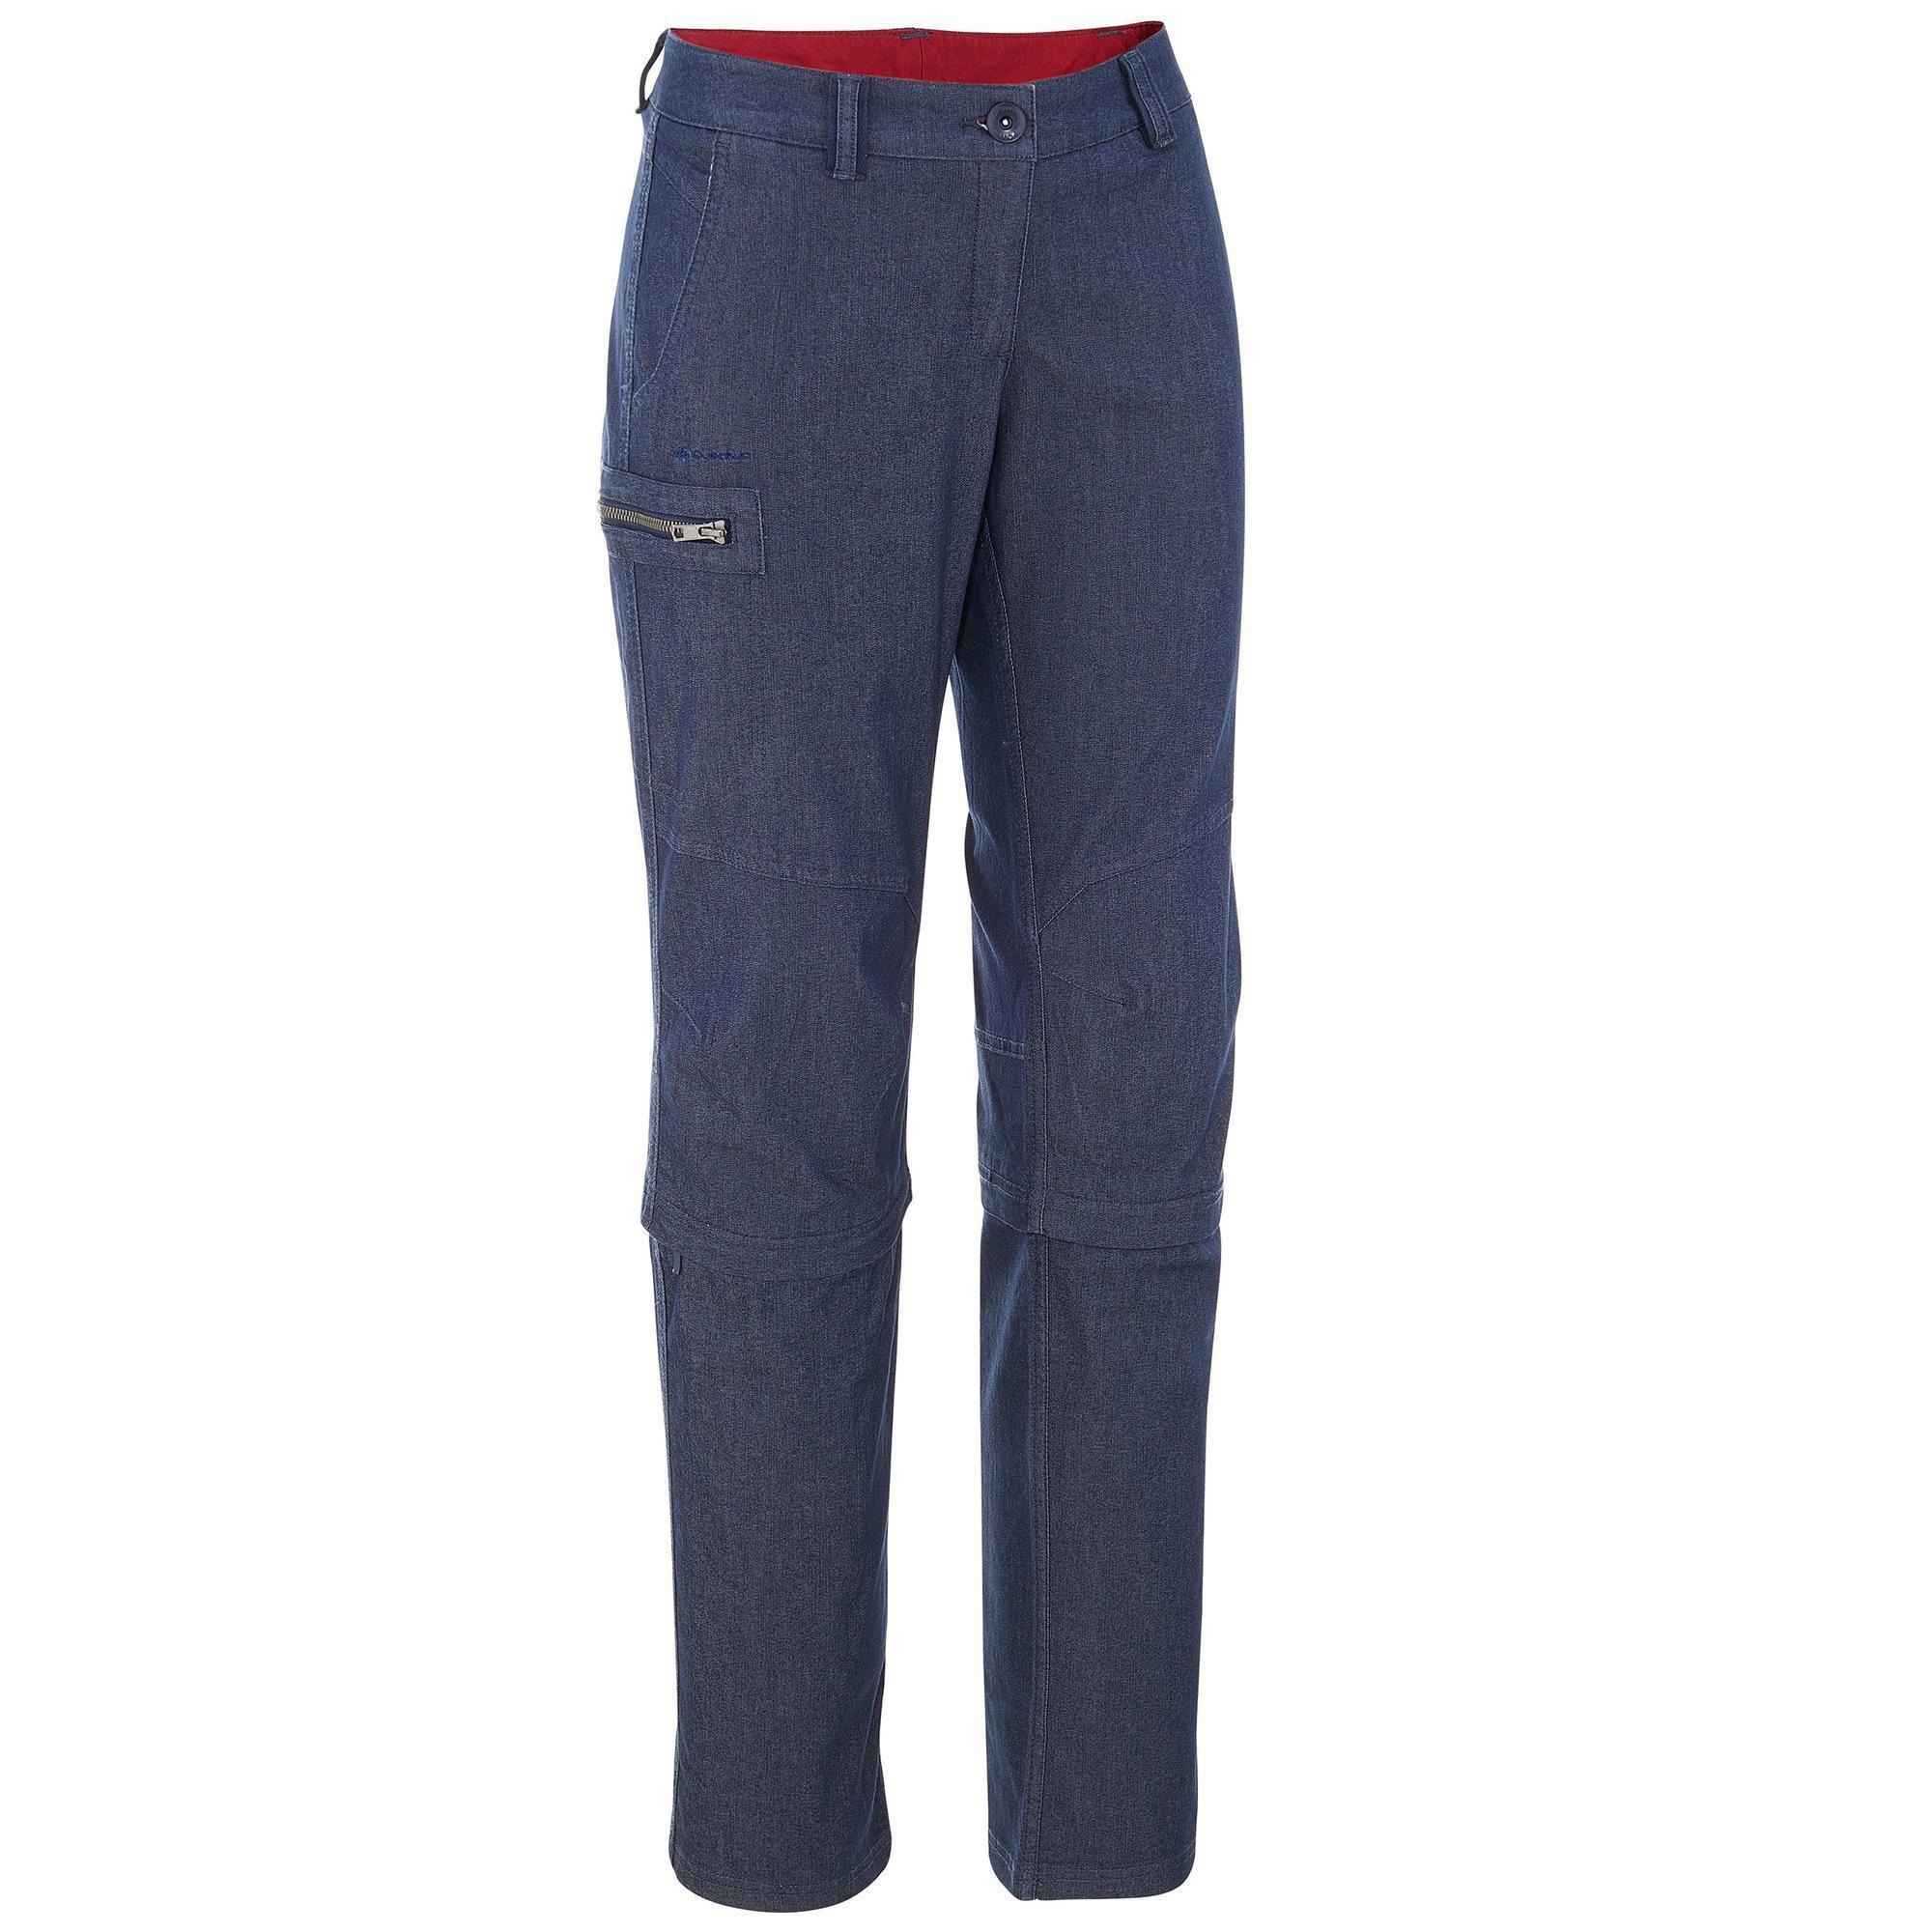 Bleu Trekking Pantalons Denim Modulable Femme Travel100 Shorts Pantalon E29WbeDHIY